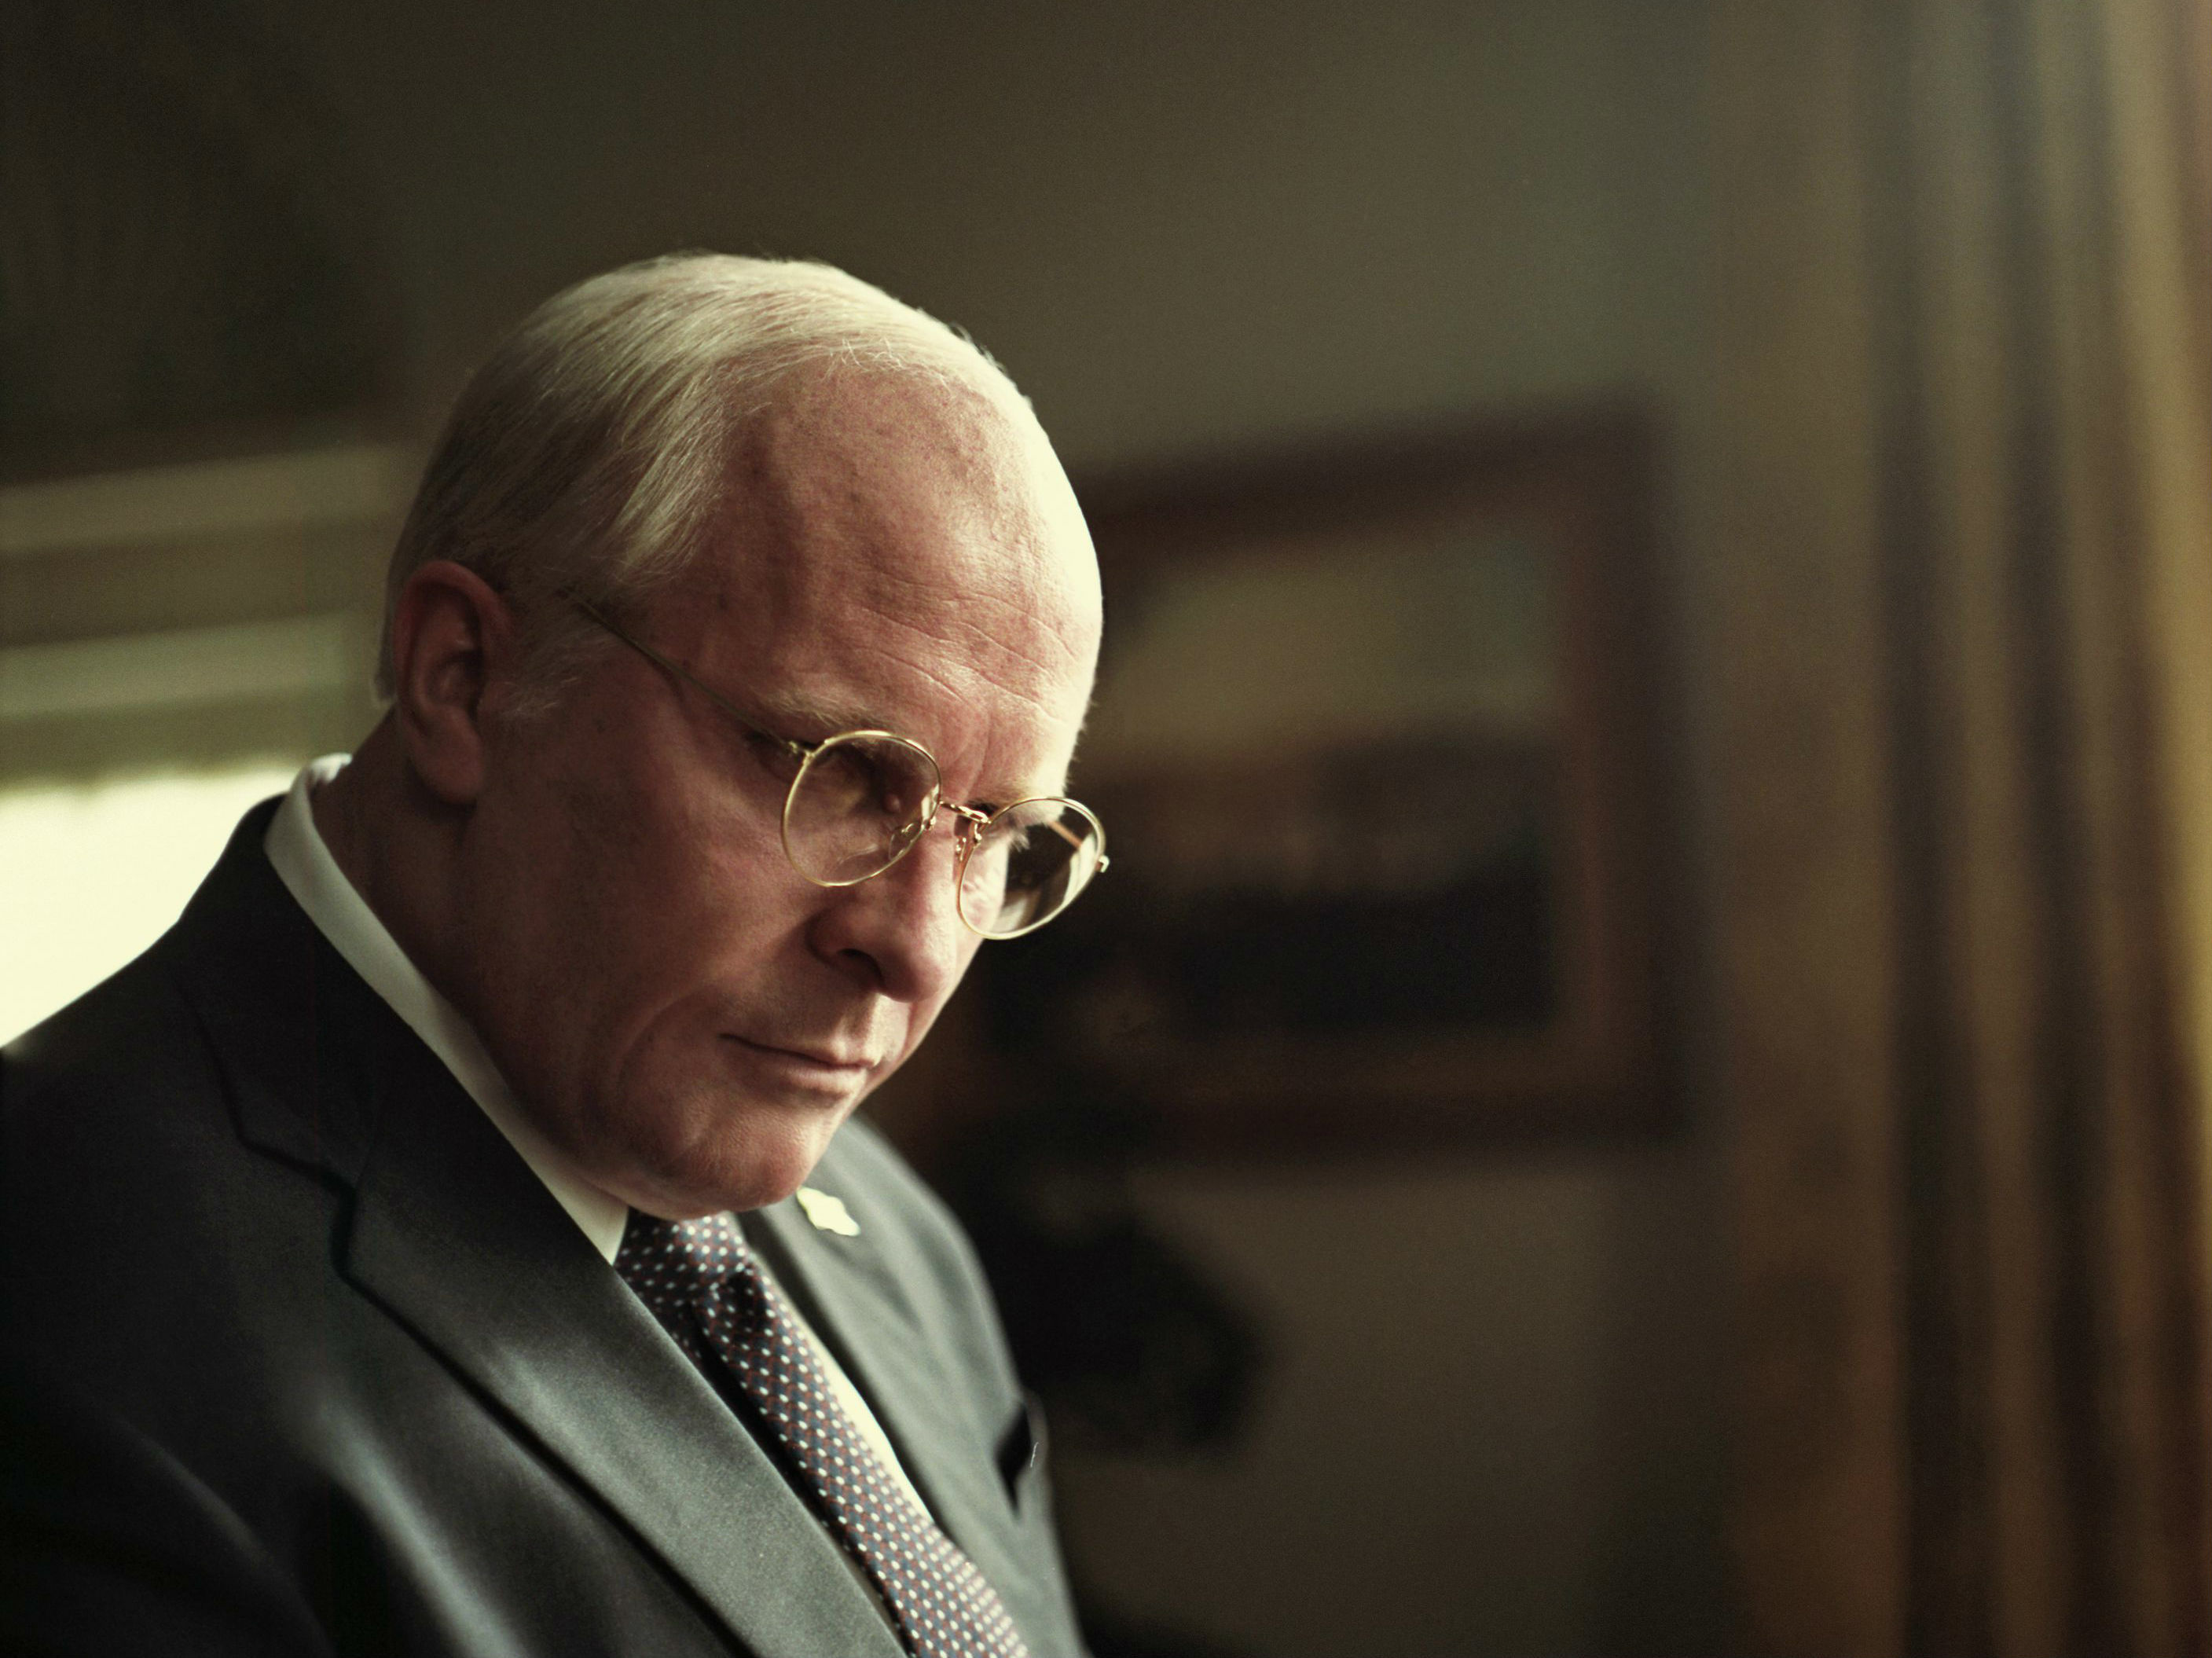 El vicio del poder, nominada a Mejor película en los Oscares 2019